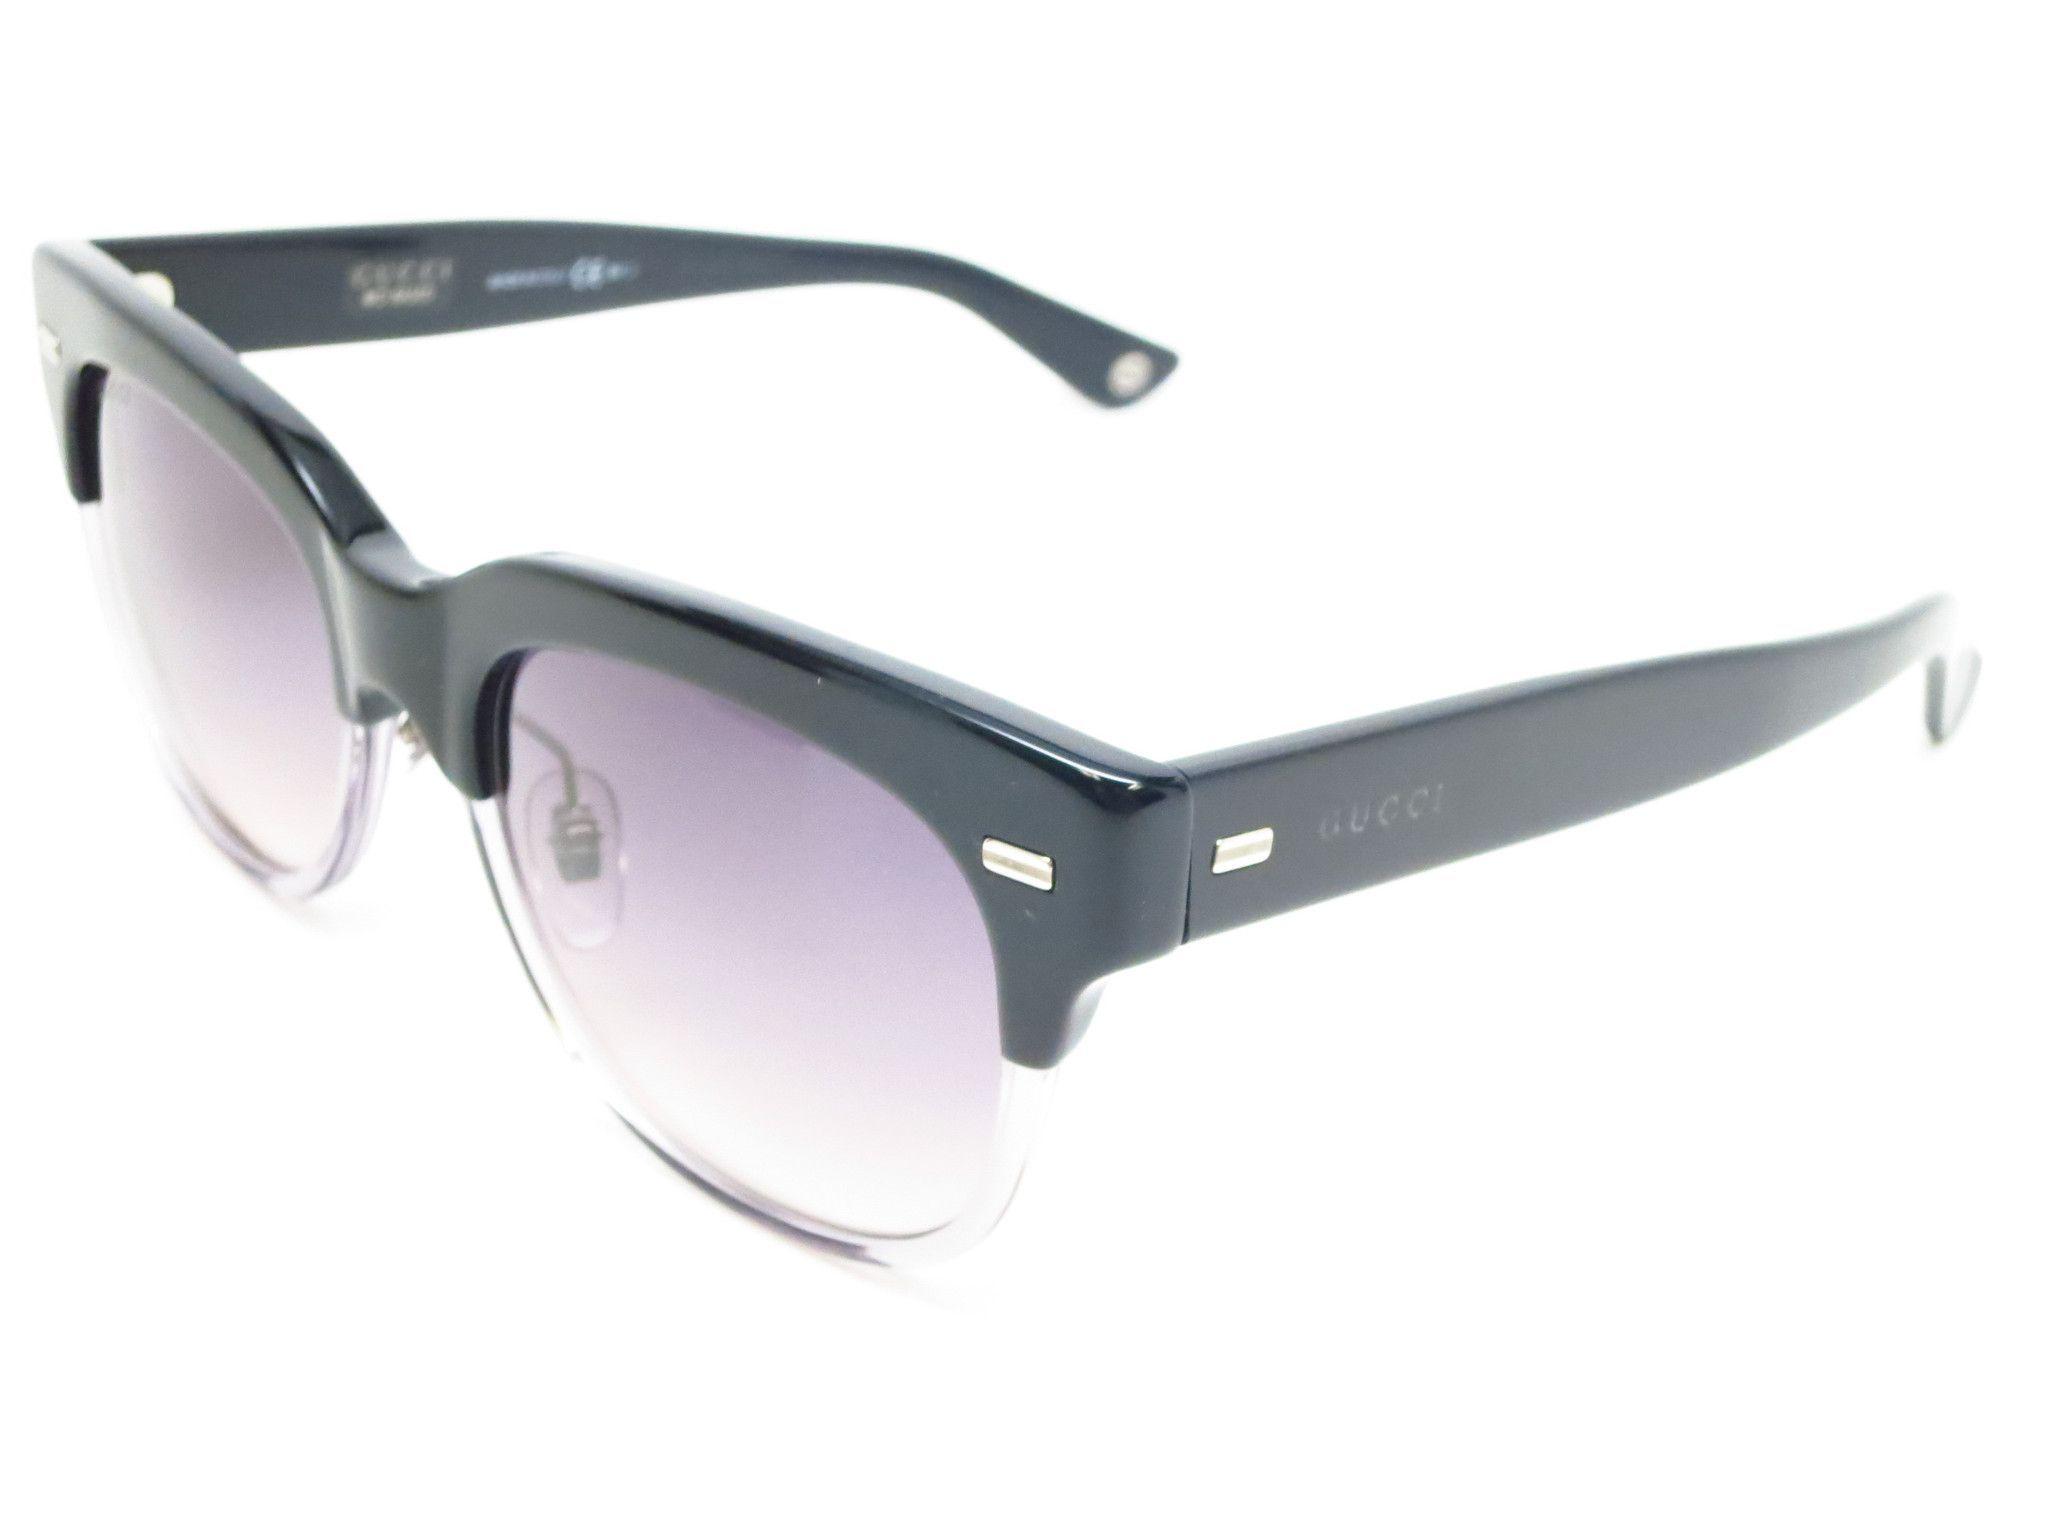 d85e8e4267 Gucci GG 3744 S X9H9C Grey Black Sunglasses